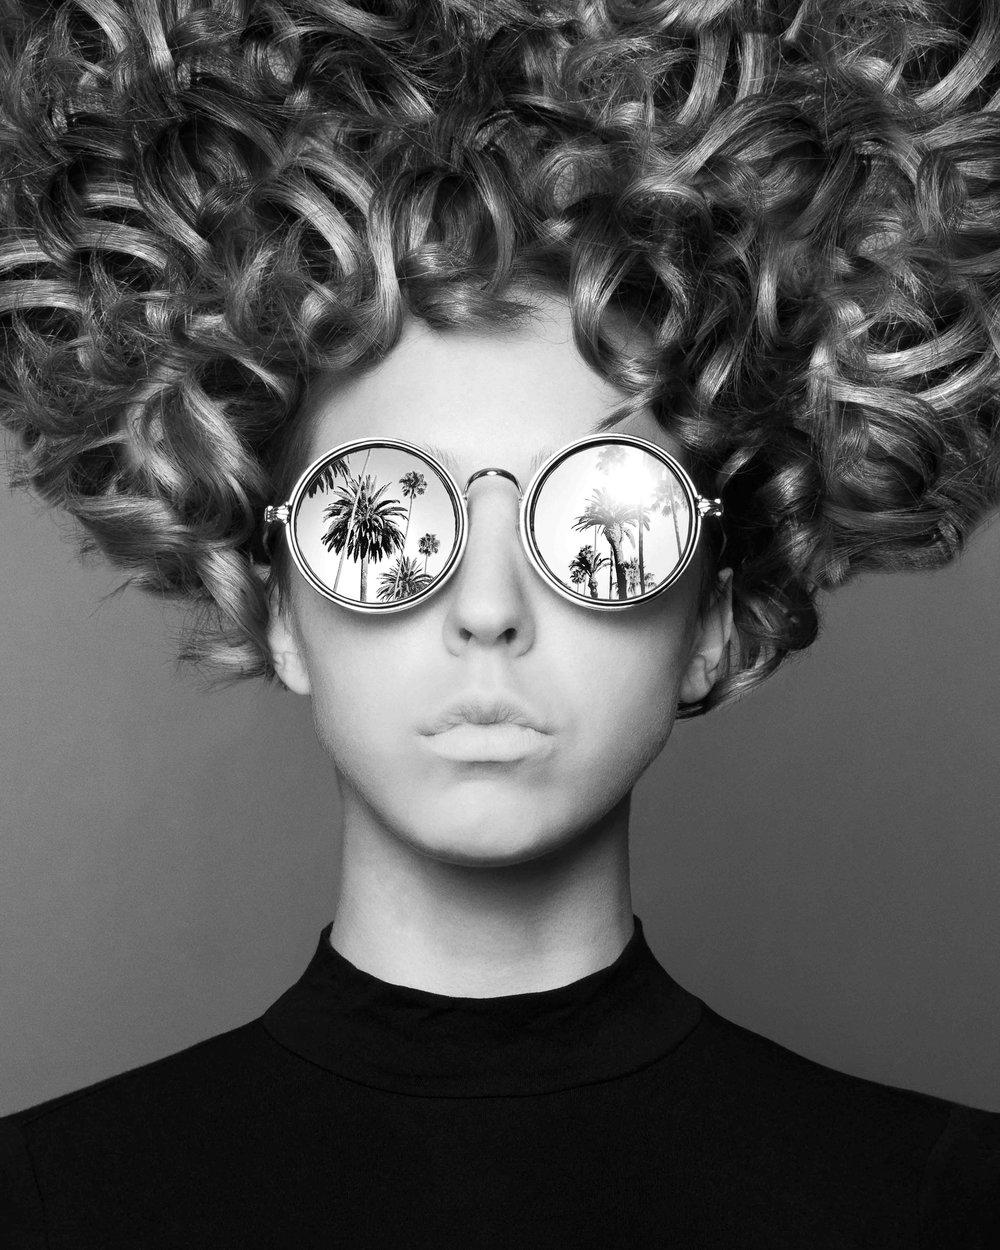 LA-Juliette-Jourdain-Madone-Valerie-Paumelle-Agent-Photographe-portrait (1).JPG